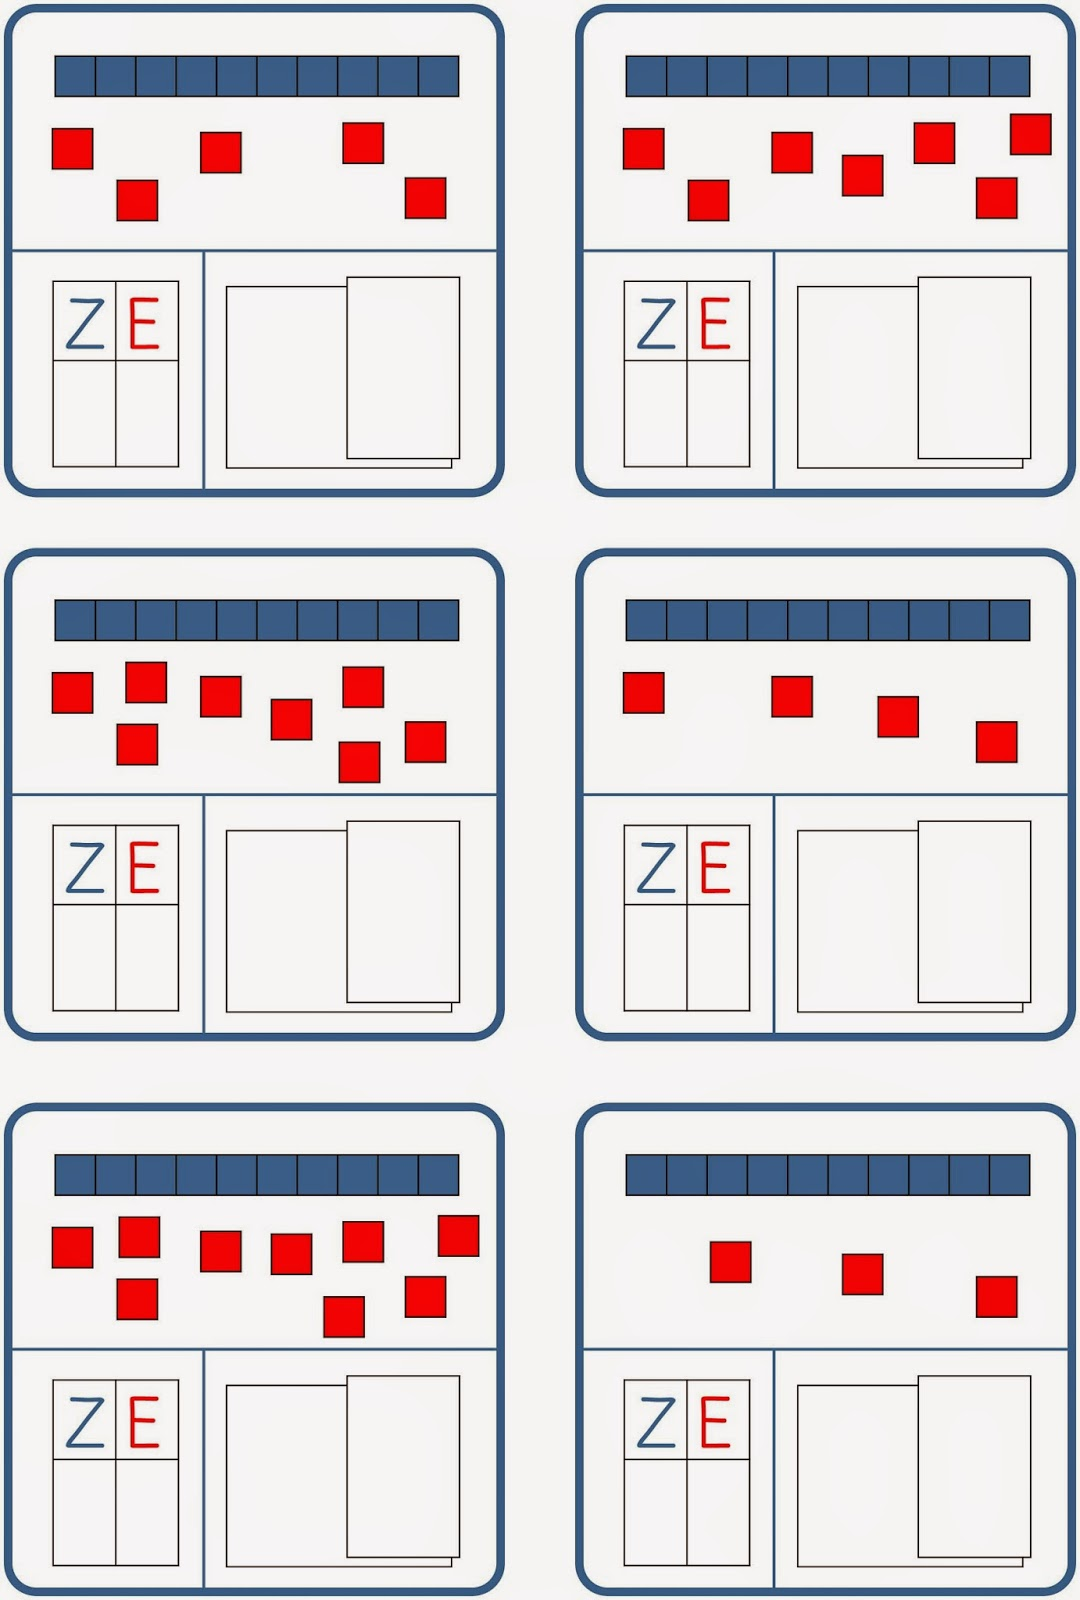 Fine Zehner Und Einer Tabelle Der Ersten Klasse Crest - Kindergarten ...